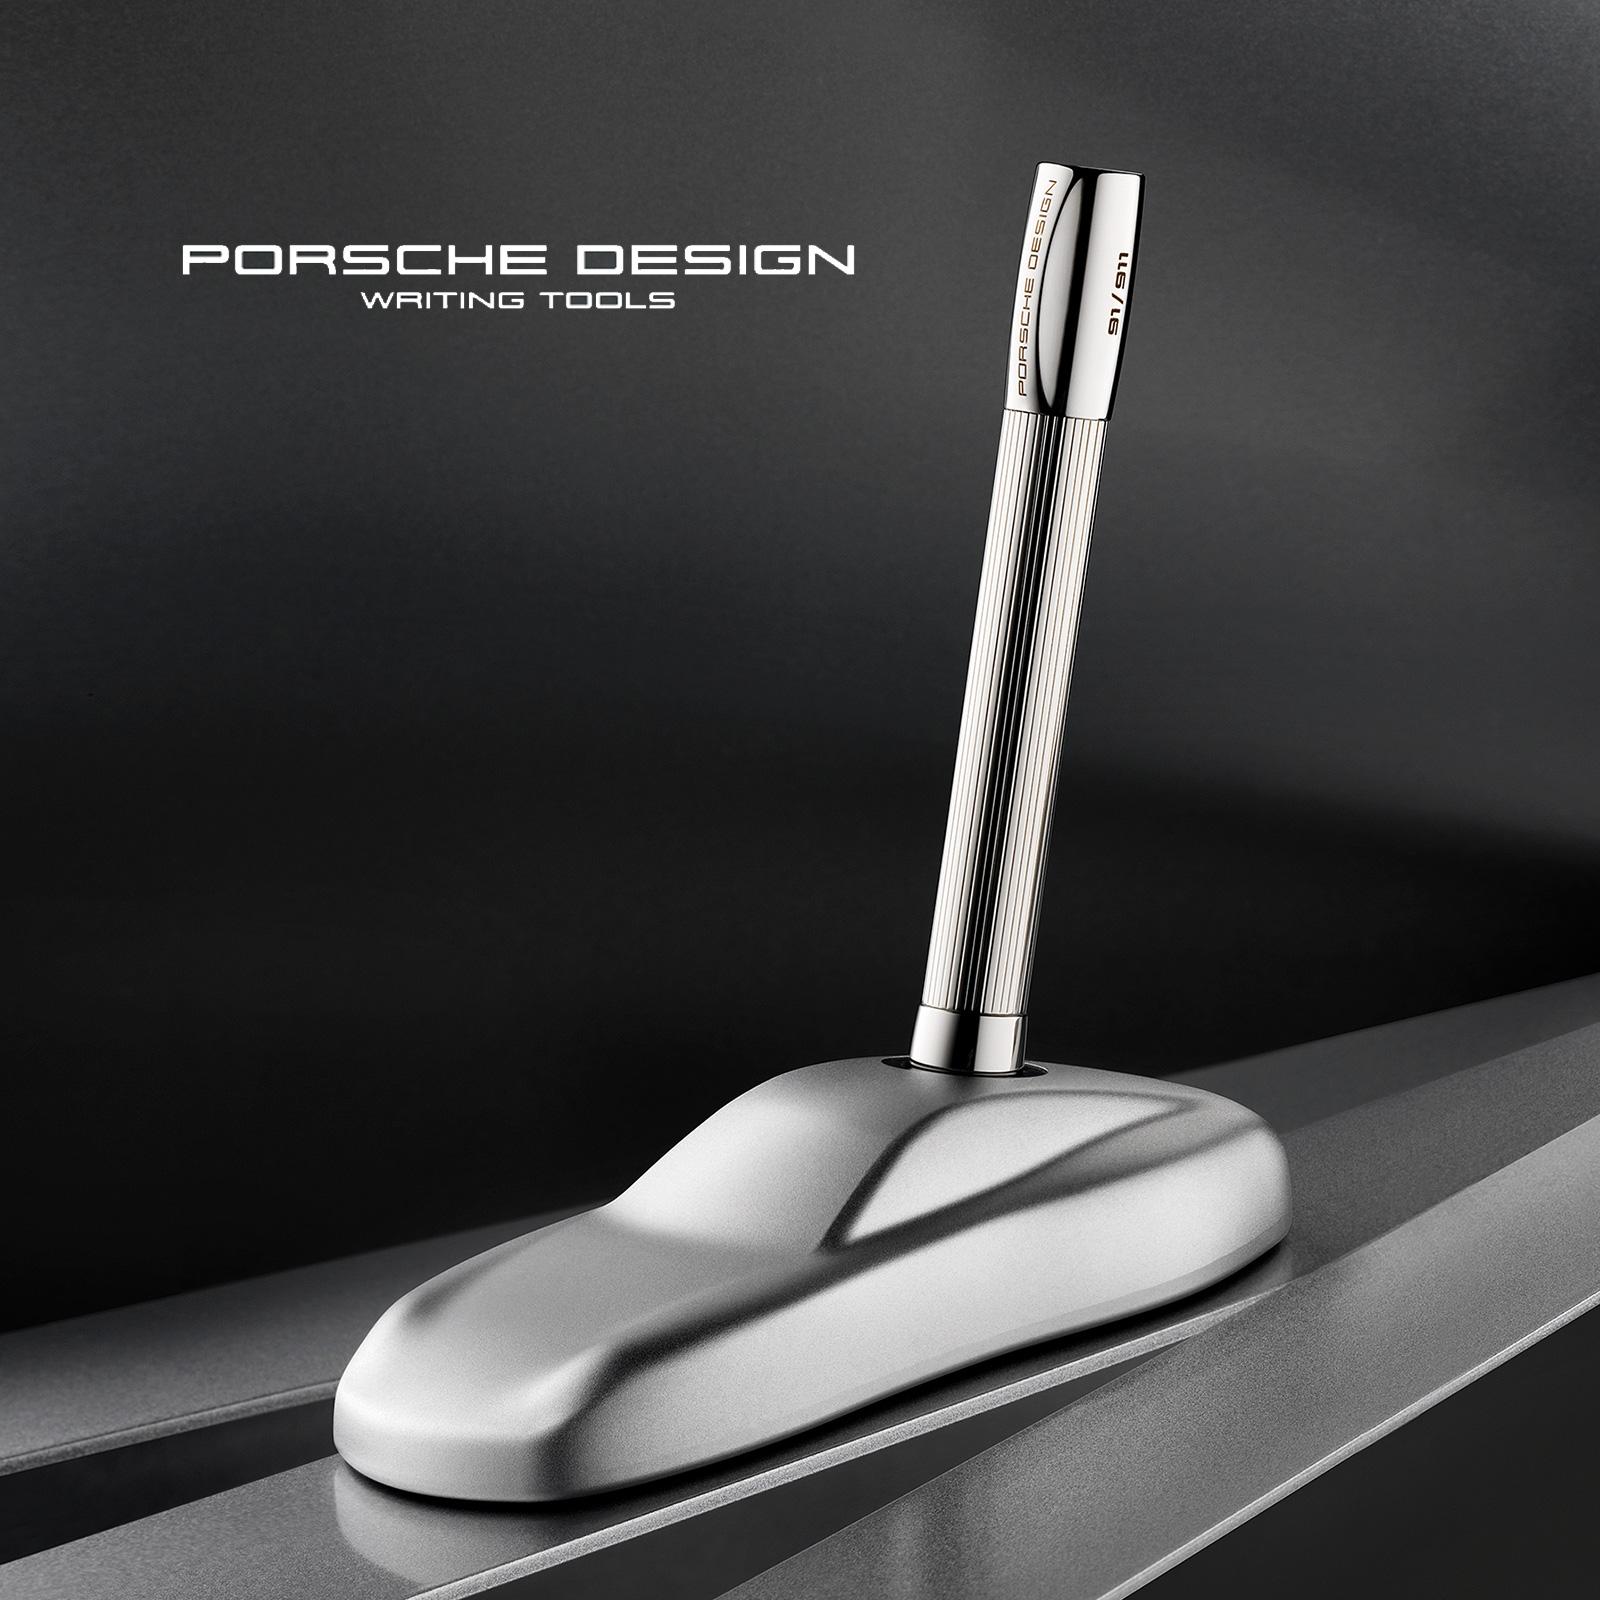 Porsche Design Shake Limited Edition